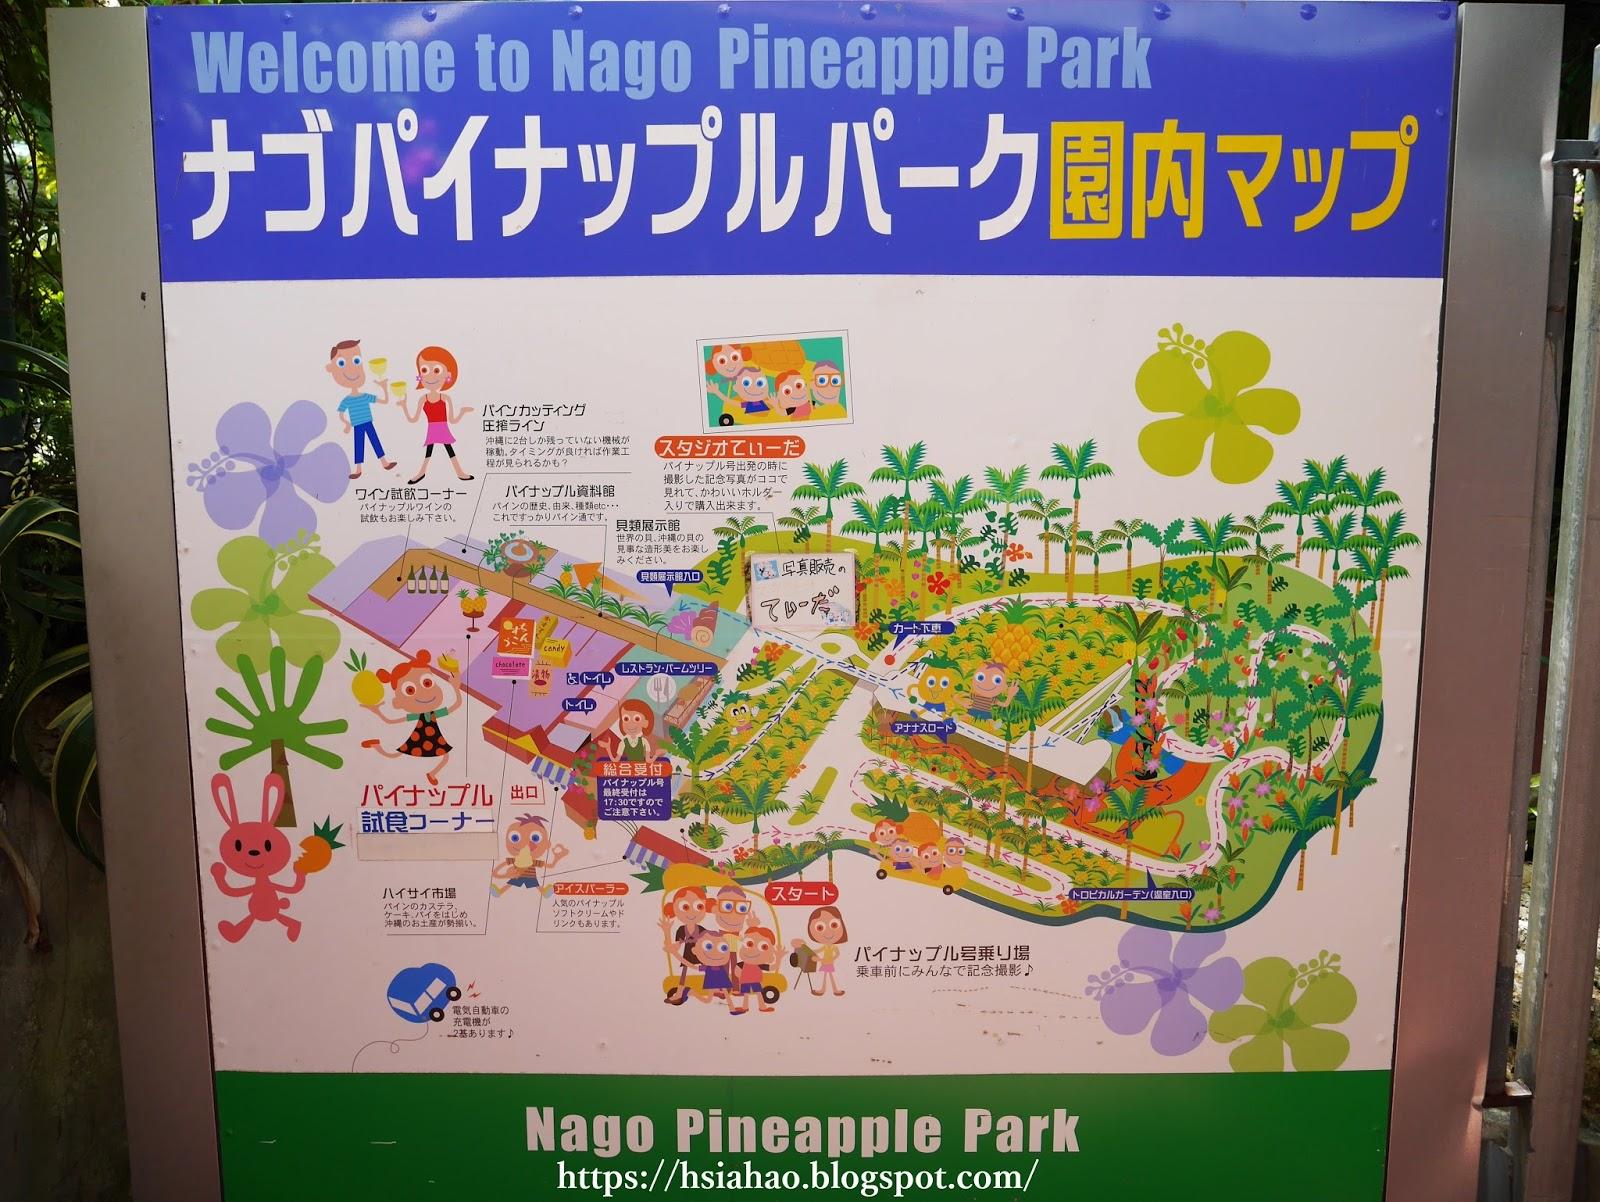 沖繩-景點-名護-名護鳳梨公園-地圖-map-pineapple-park-ナゴパイナップルパーク-推薦-親子-自由行-旅遊-Okinawa-Nago